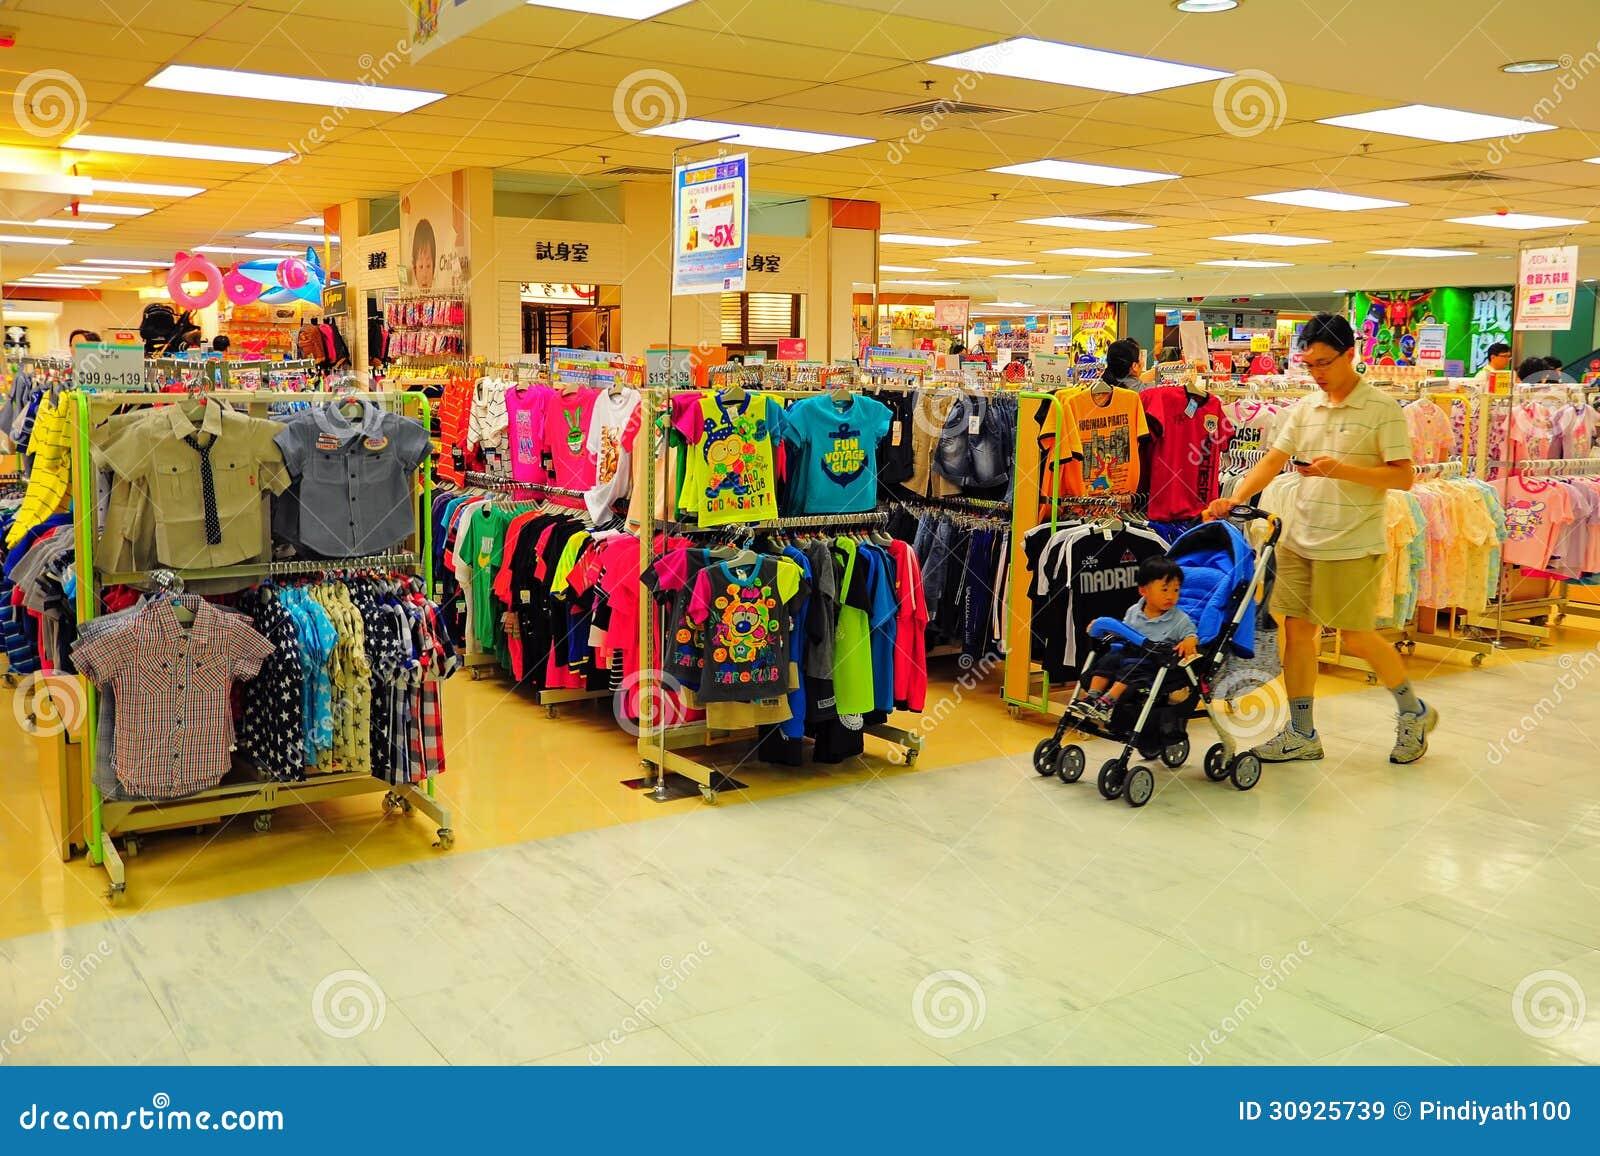 Girls clothing stores. Gadzooks clothing store